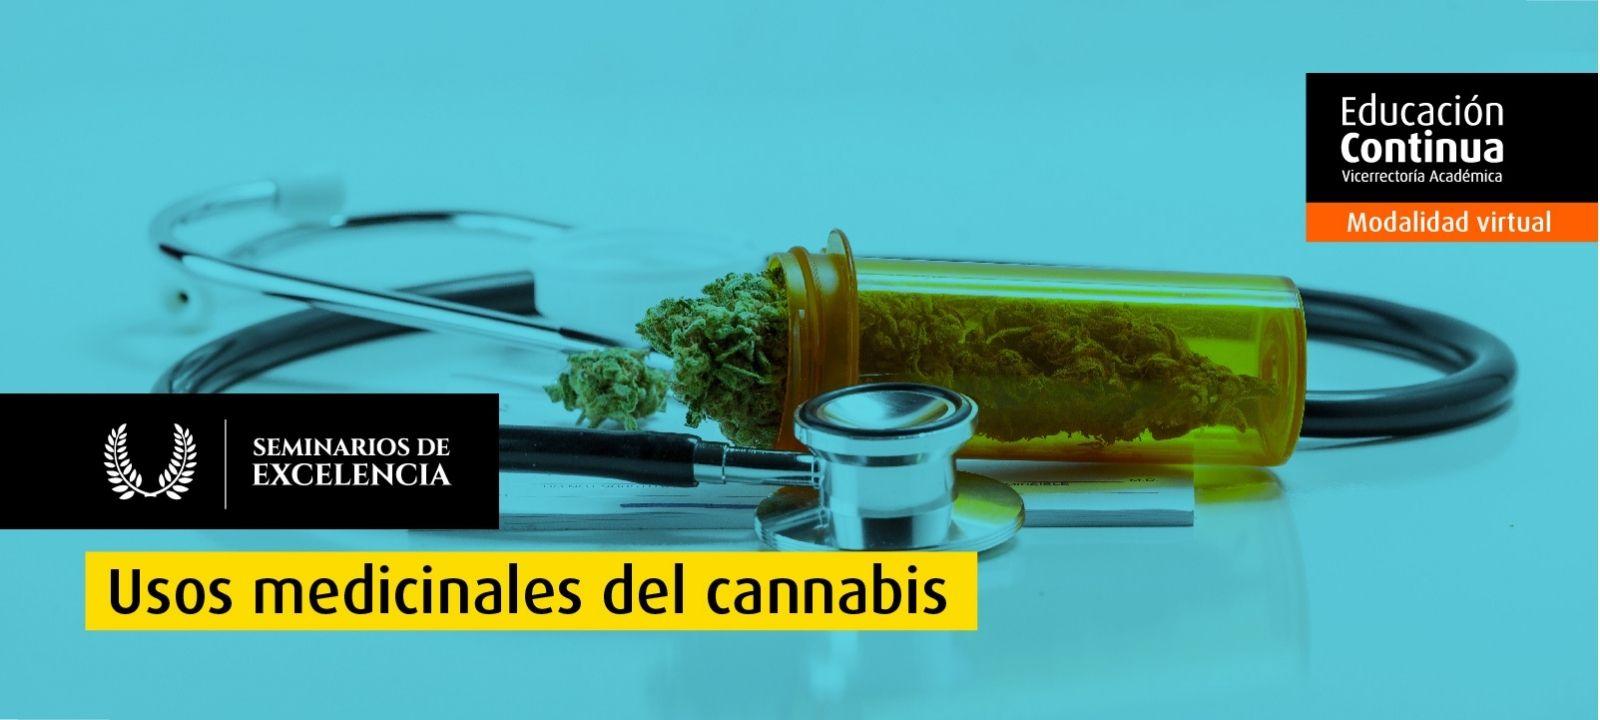 Curso virtual | Usos medicinales del cannabis